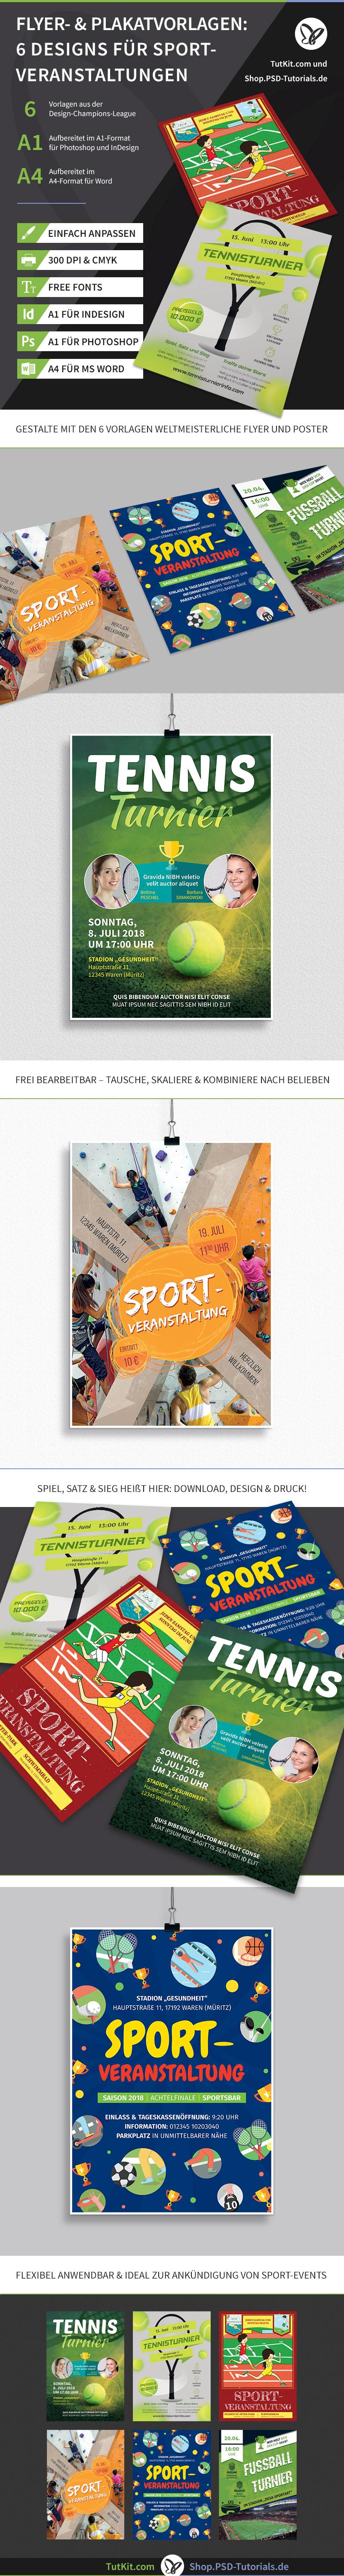 Flyer- und Plakat-Vorlagen für sportliche Veranstaltungen